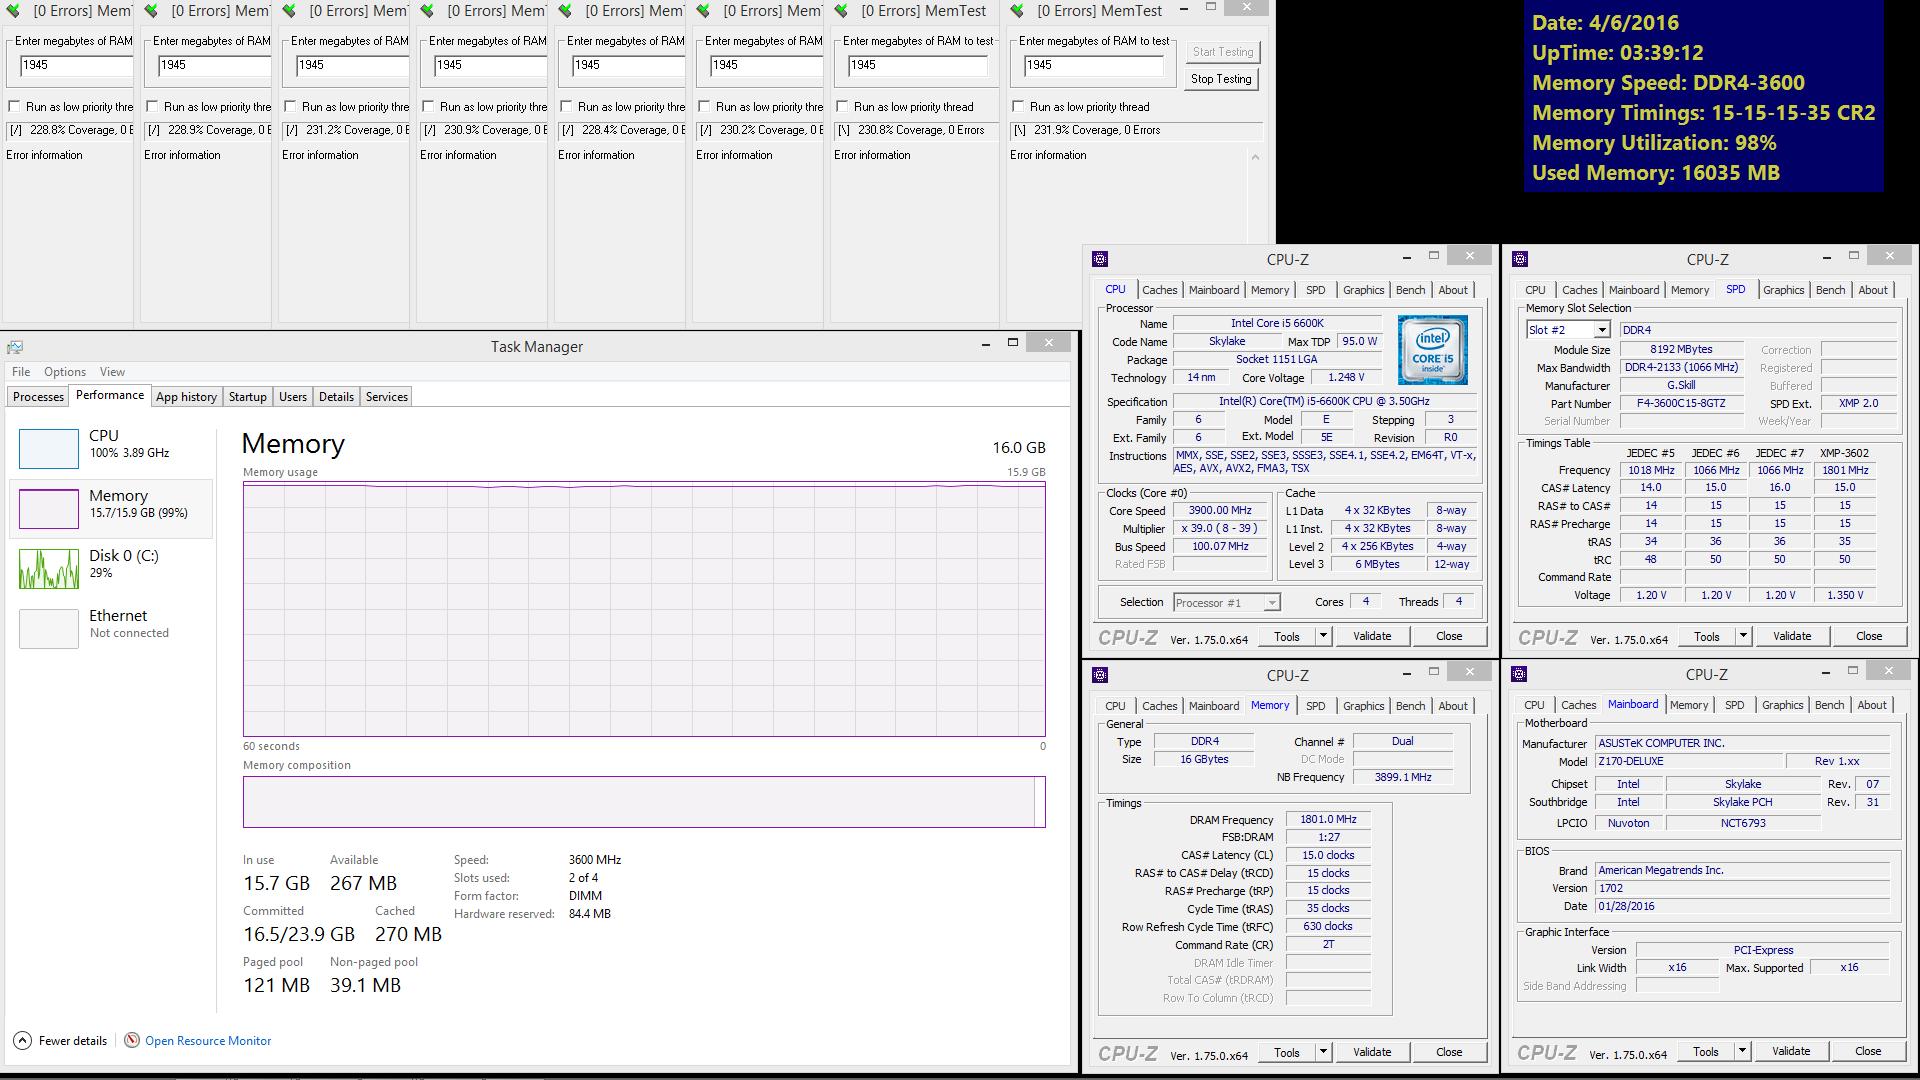 G SKILL Trident Z DDR4-3600MHz CL15 16GB (8GBx2) Low-Latency